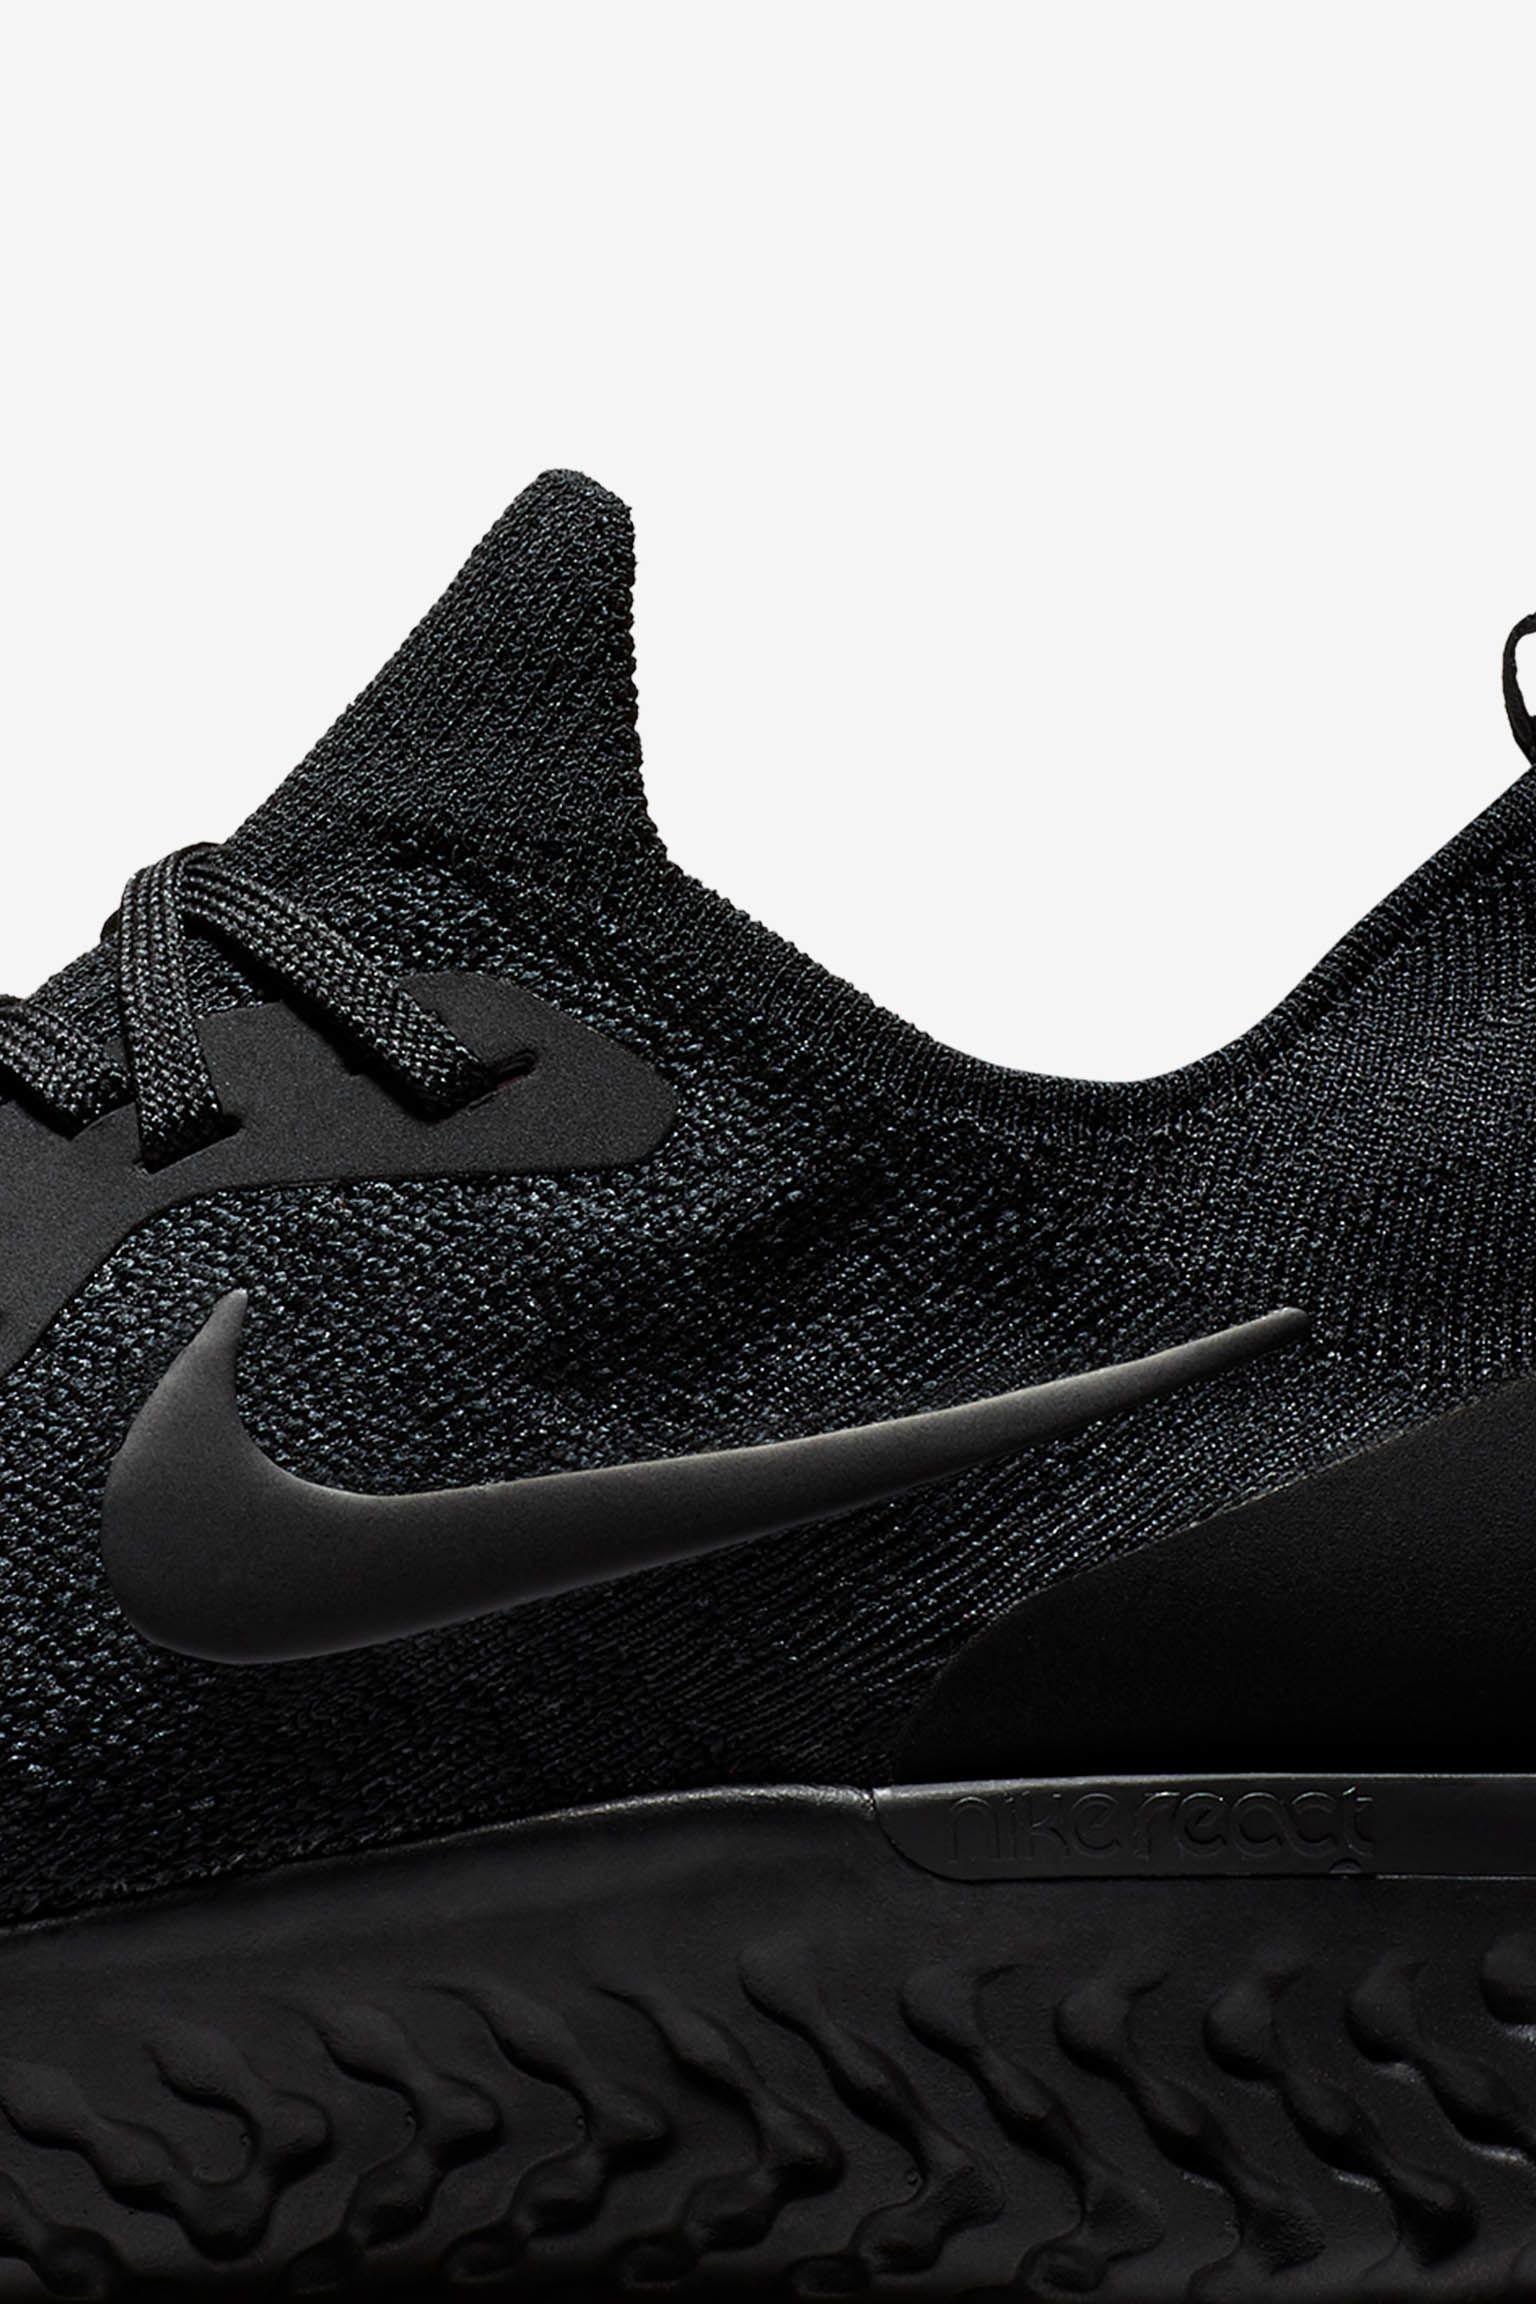 Nike Epic React Flyknit Betrue 'Black & Multicolor' Release Date